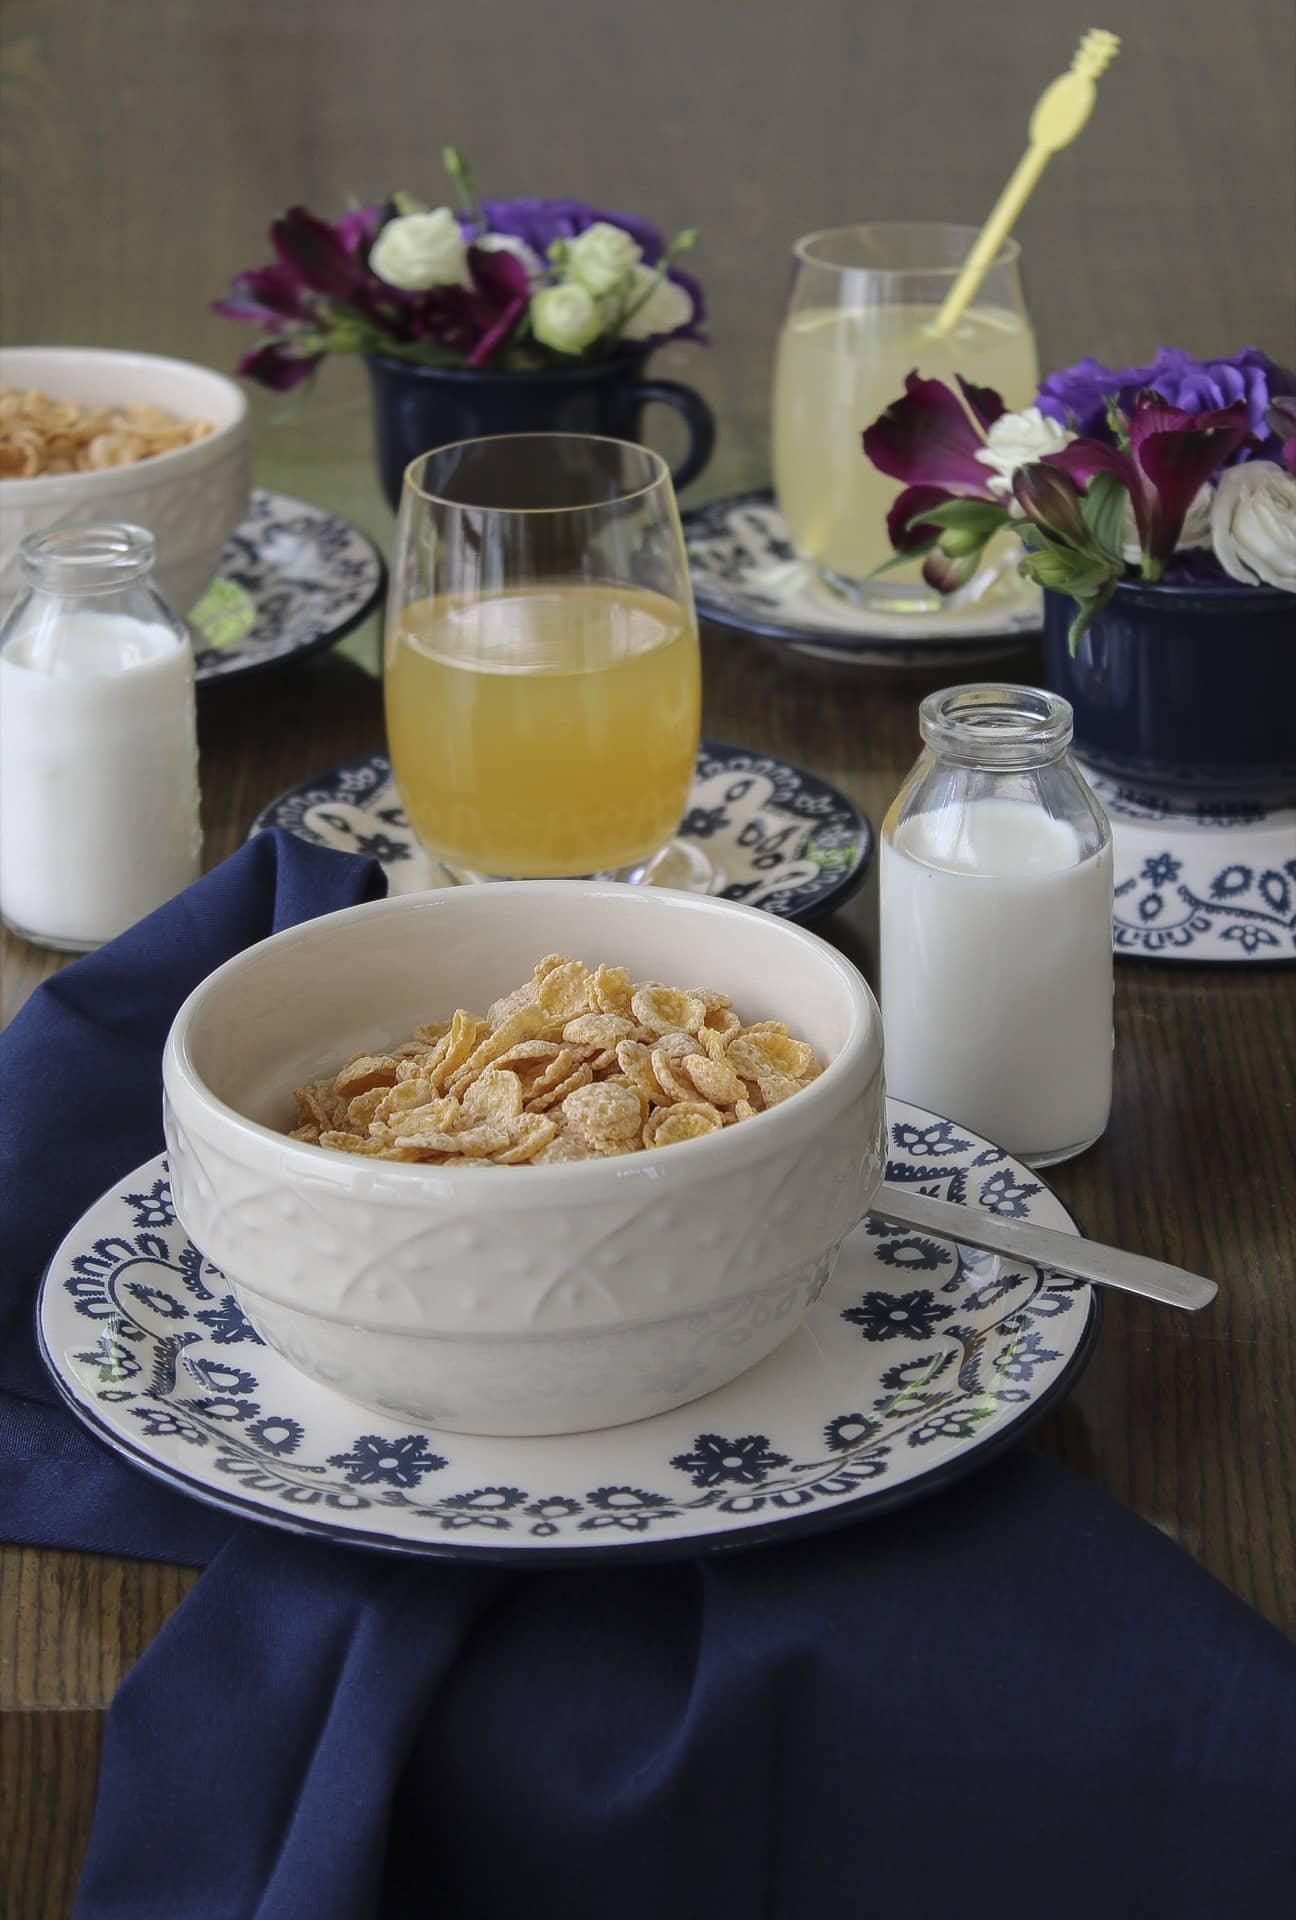 Imagem: Os cereais podem ser servidos em bowls com uma garrafinha de leite individual. Misture as louças para deixar a mesa bem divertida. Aqui, usamos bowls da linha Mendi Marfim e pratos da Floreal Energy, tudo da Oxford. Foto: Cacá Bratke